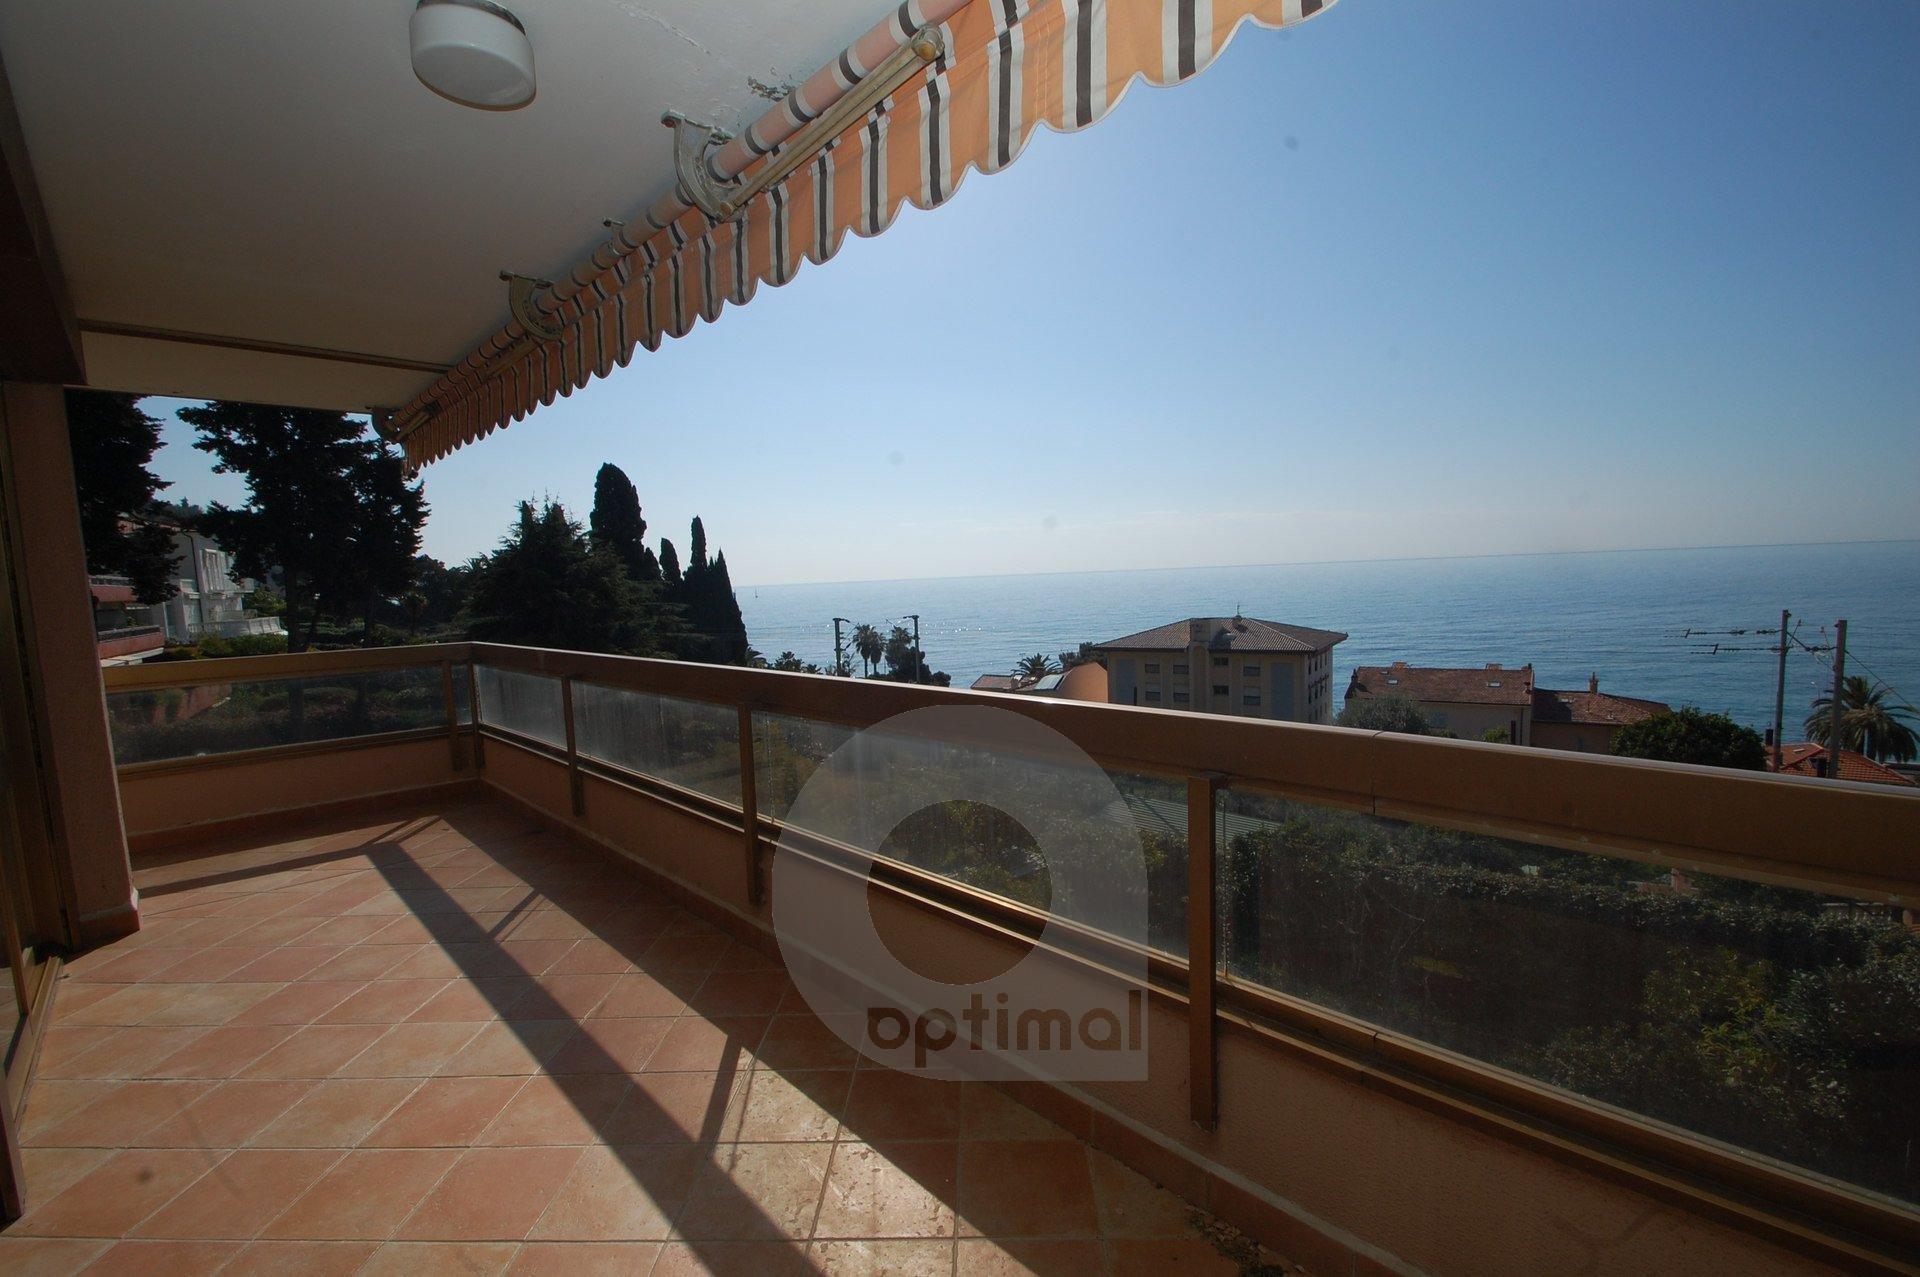 Bel bilocale moderno con grande terrazzo fronte mare e parcheggio privato